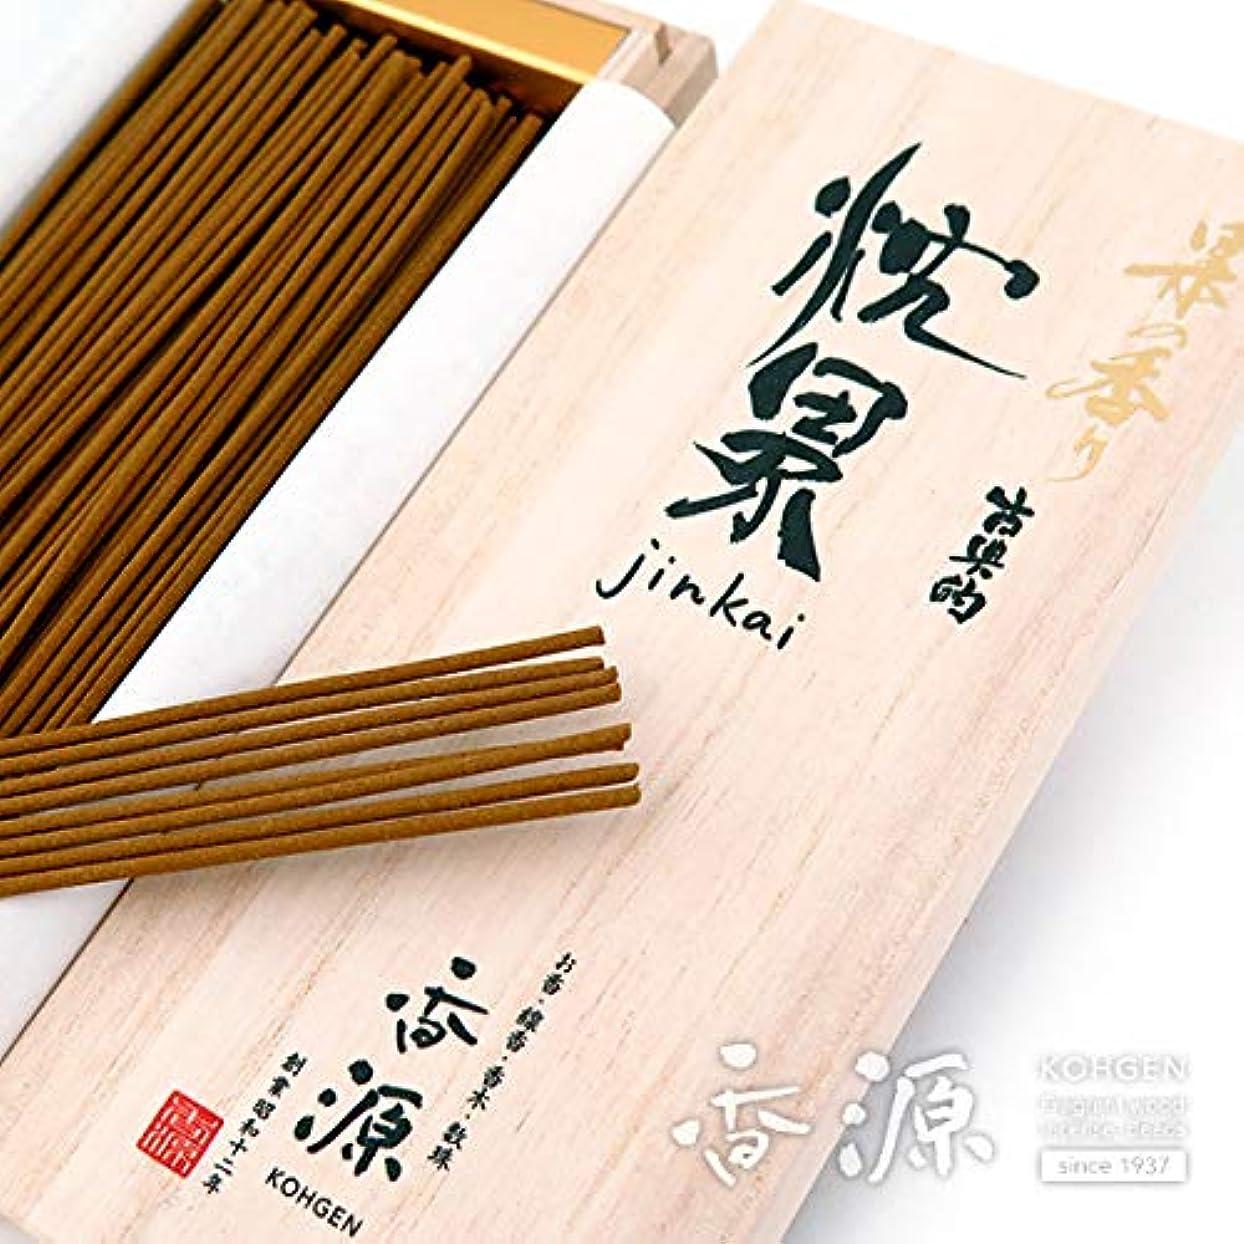 意外準拠引き渡す香源オリジナル 日本の香り 沈界 短寸桐箱入 お香 お線香 スティック型インセンス 完全限定品 沈香